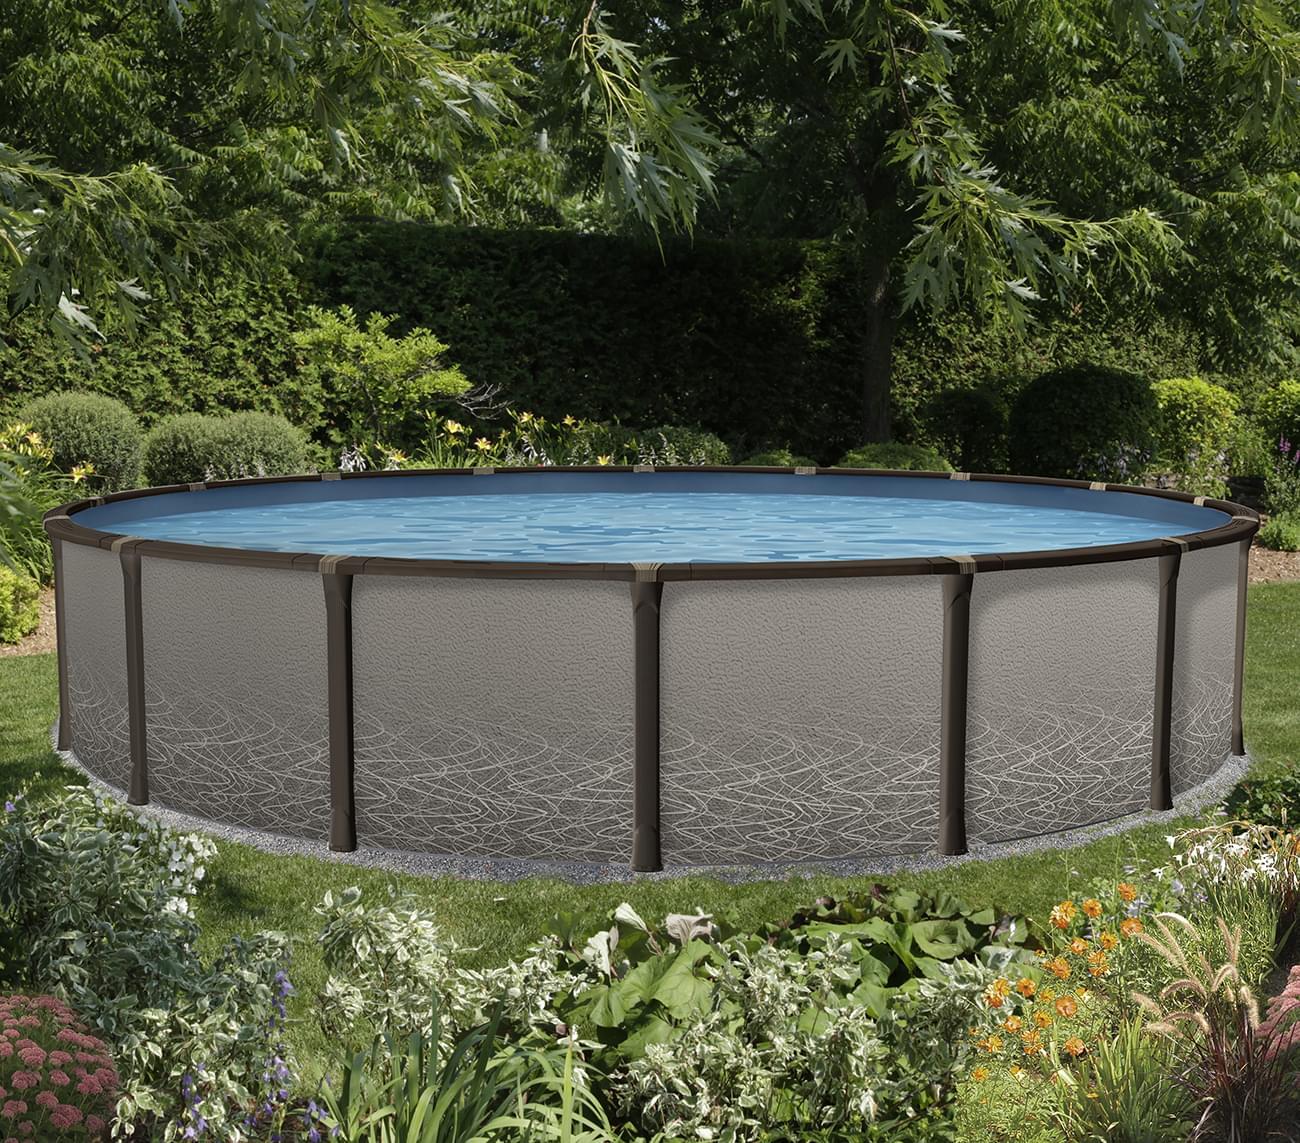 Piscine hors terre l ment de 27 pieds ronde pool for Cloture de piscine hors terre